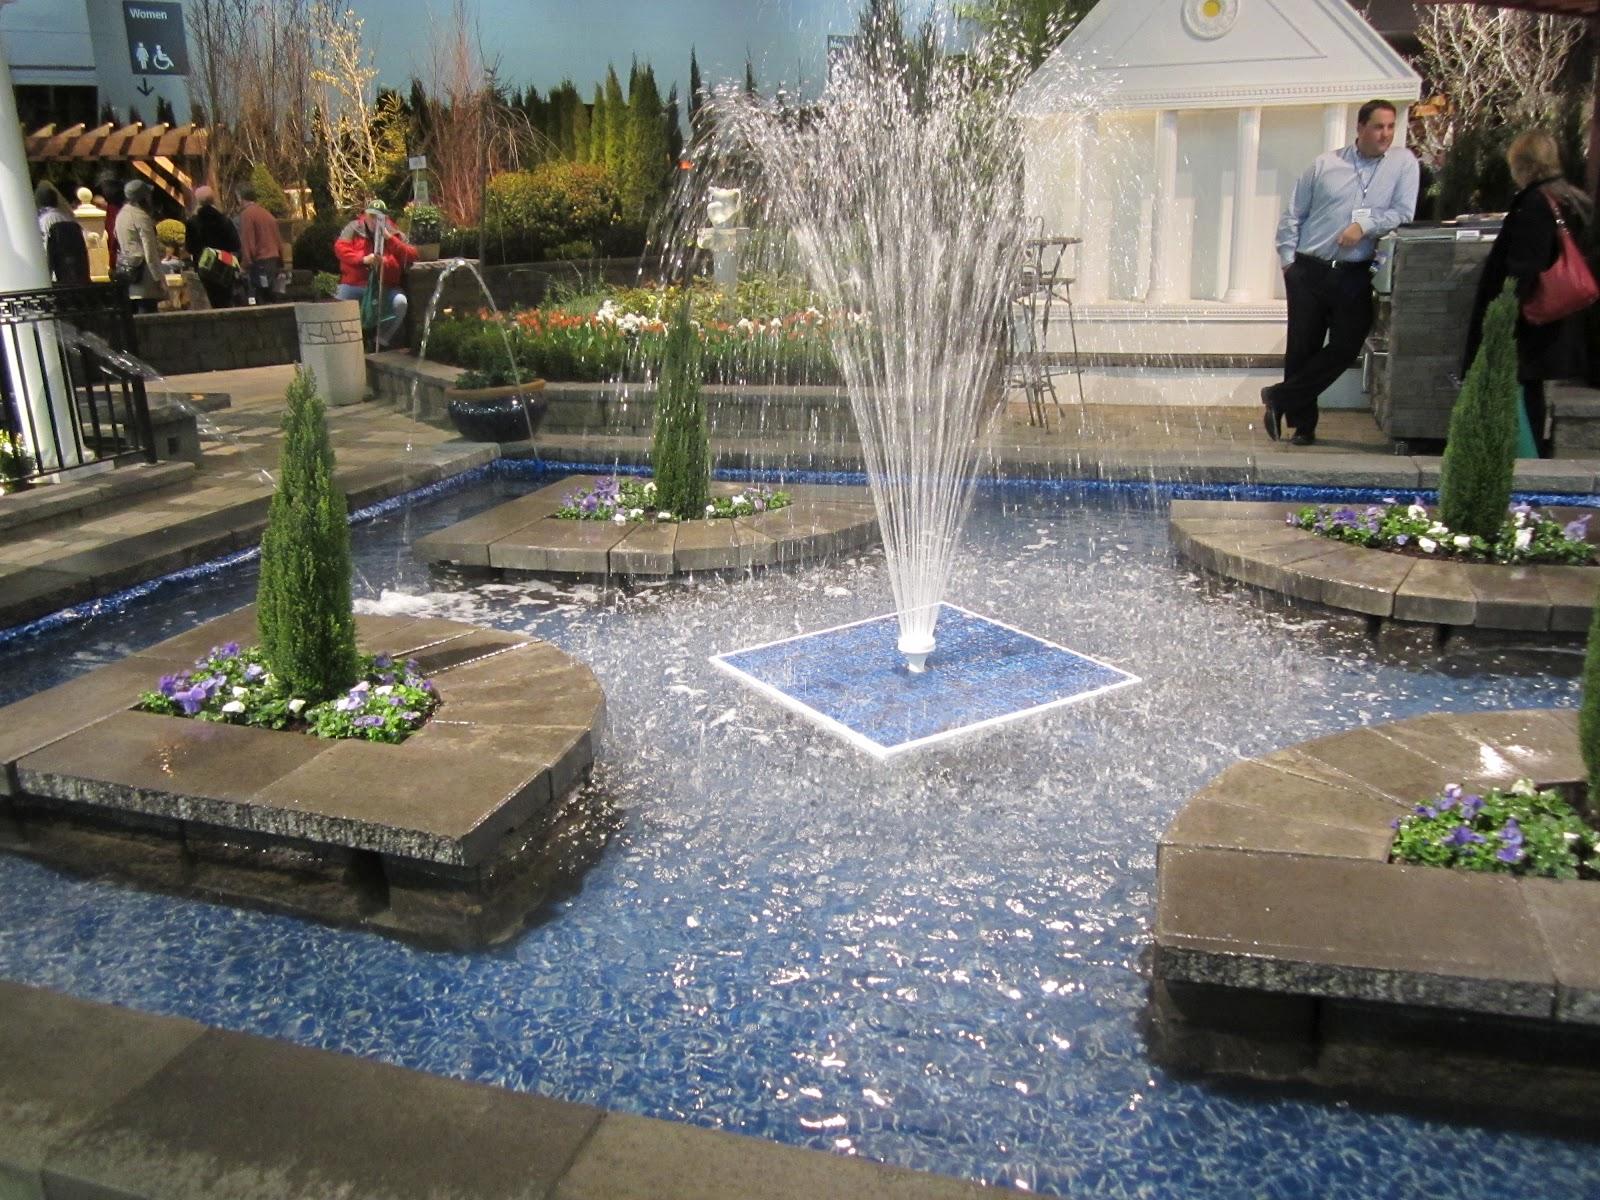 Sprouts a few photos from the yard garden patio show for Garden fountains portland oregon